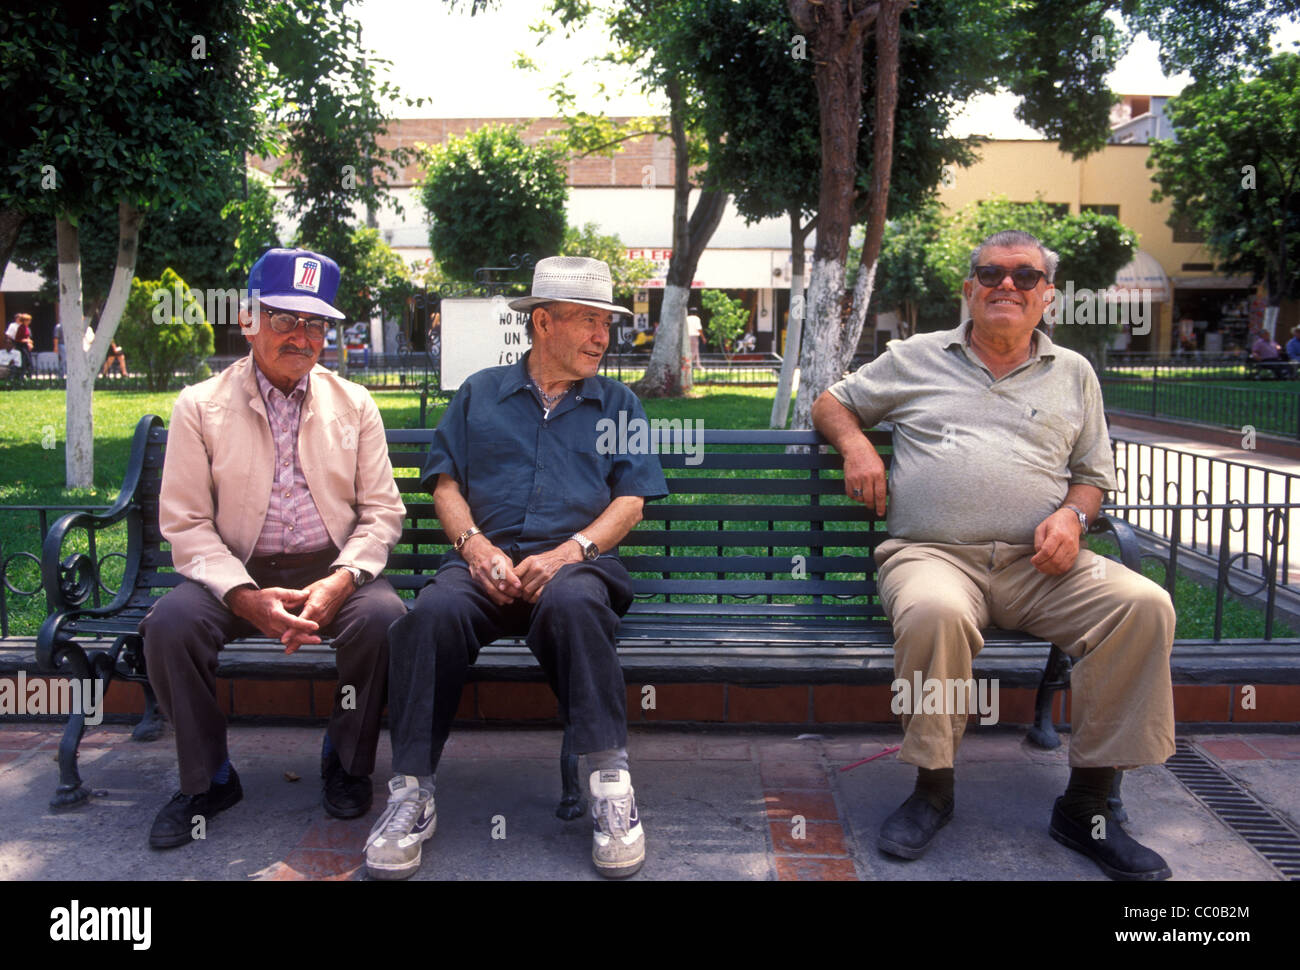 Three old mature men